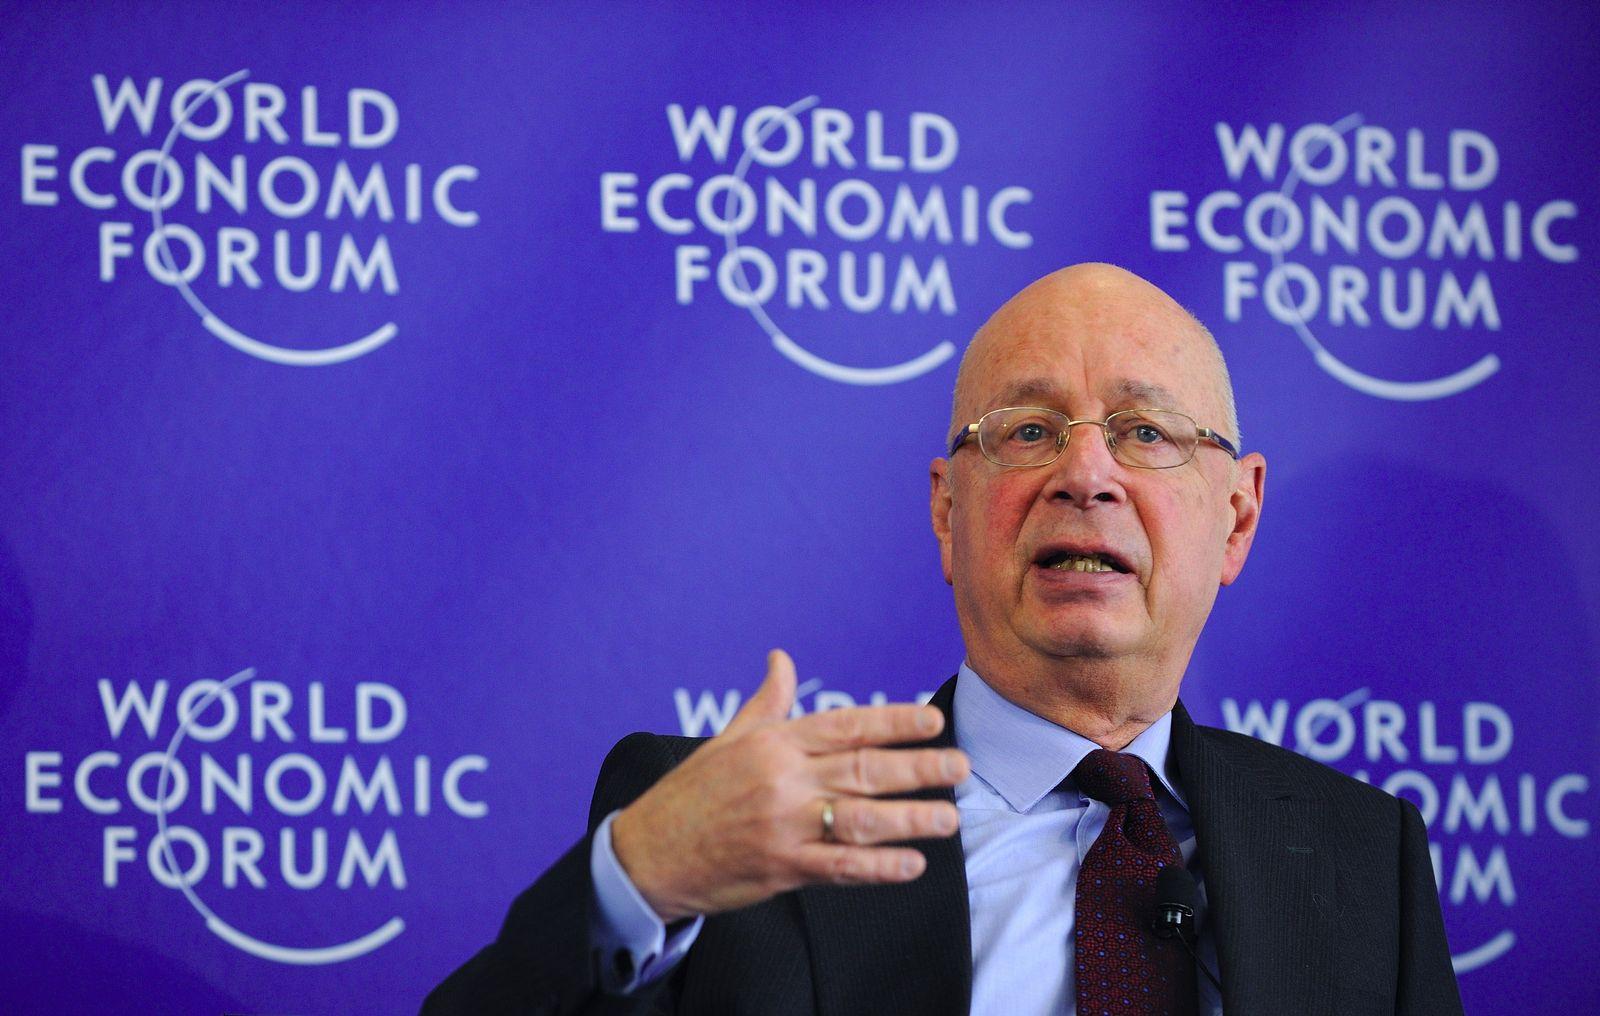 WEF Davos/ Schwab